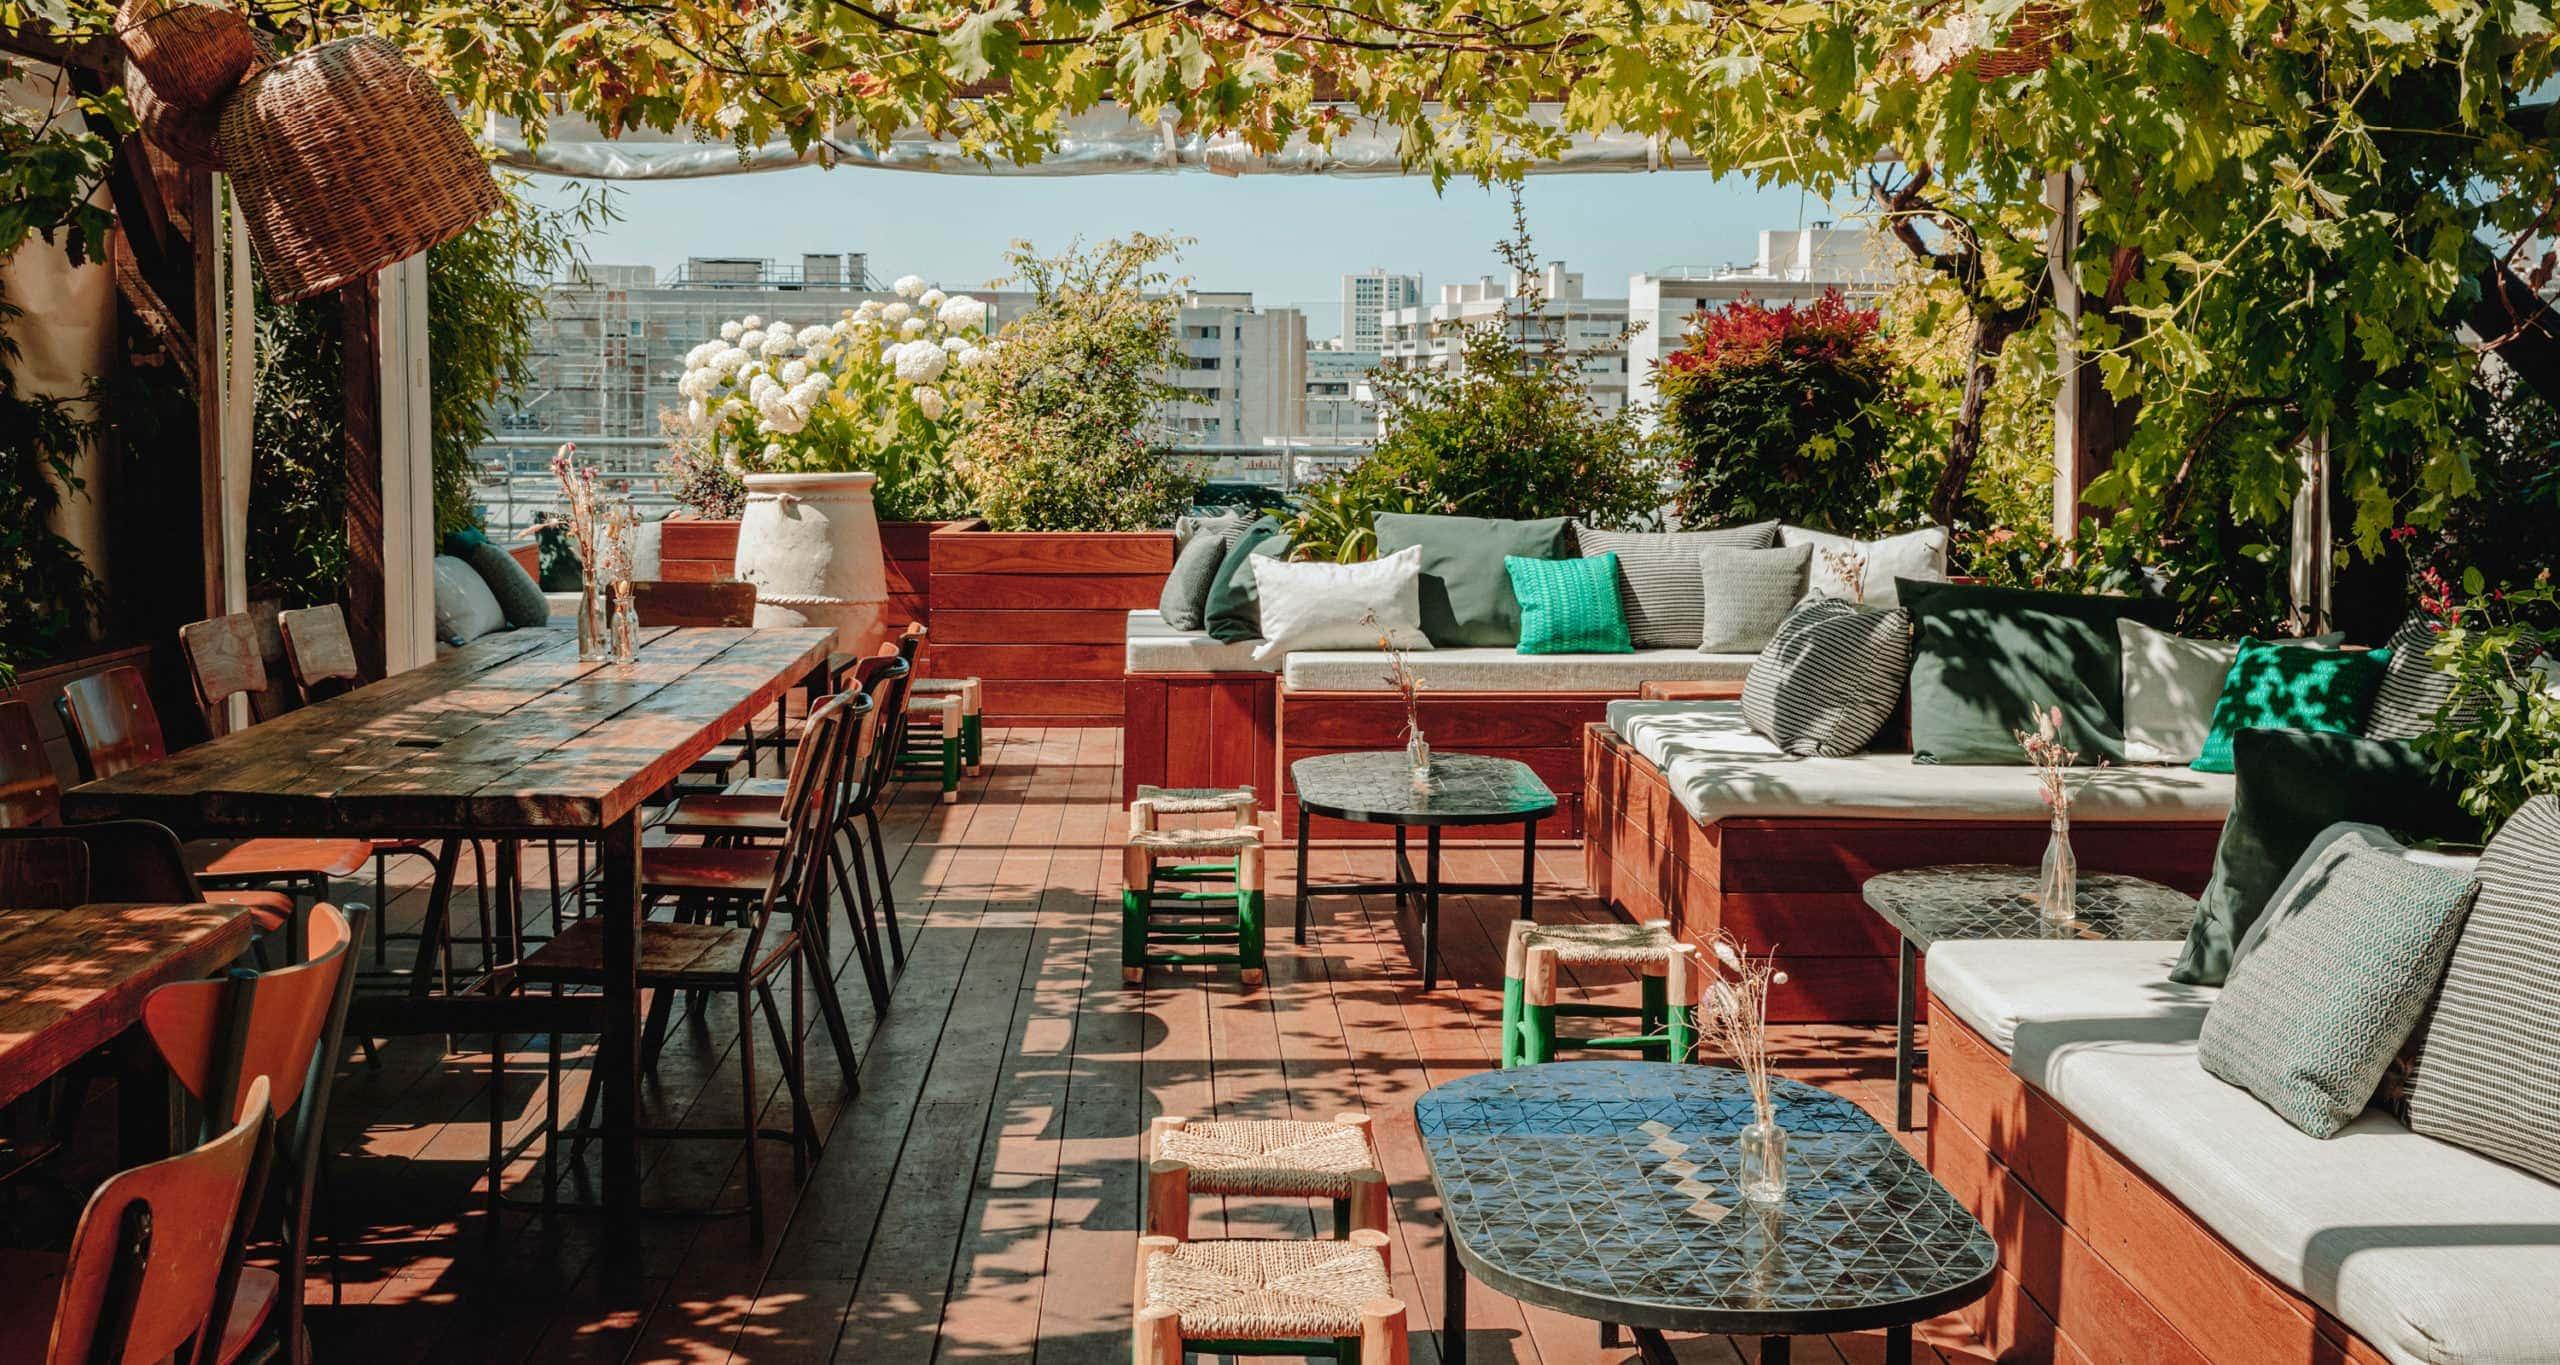 boire un verre Paris amis chillax chill réouverture bars